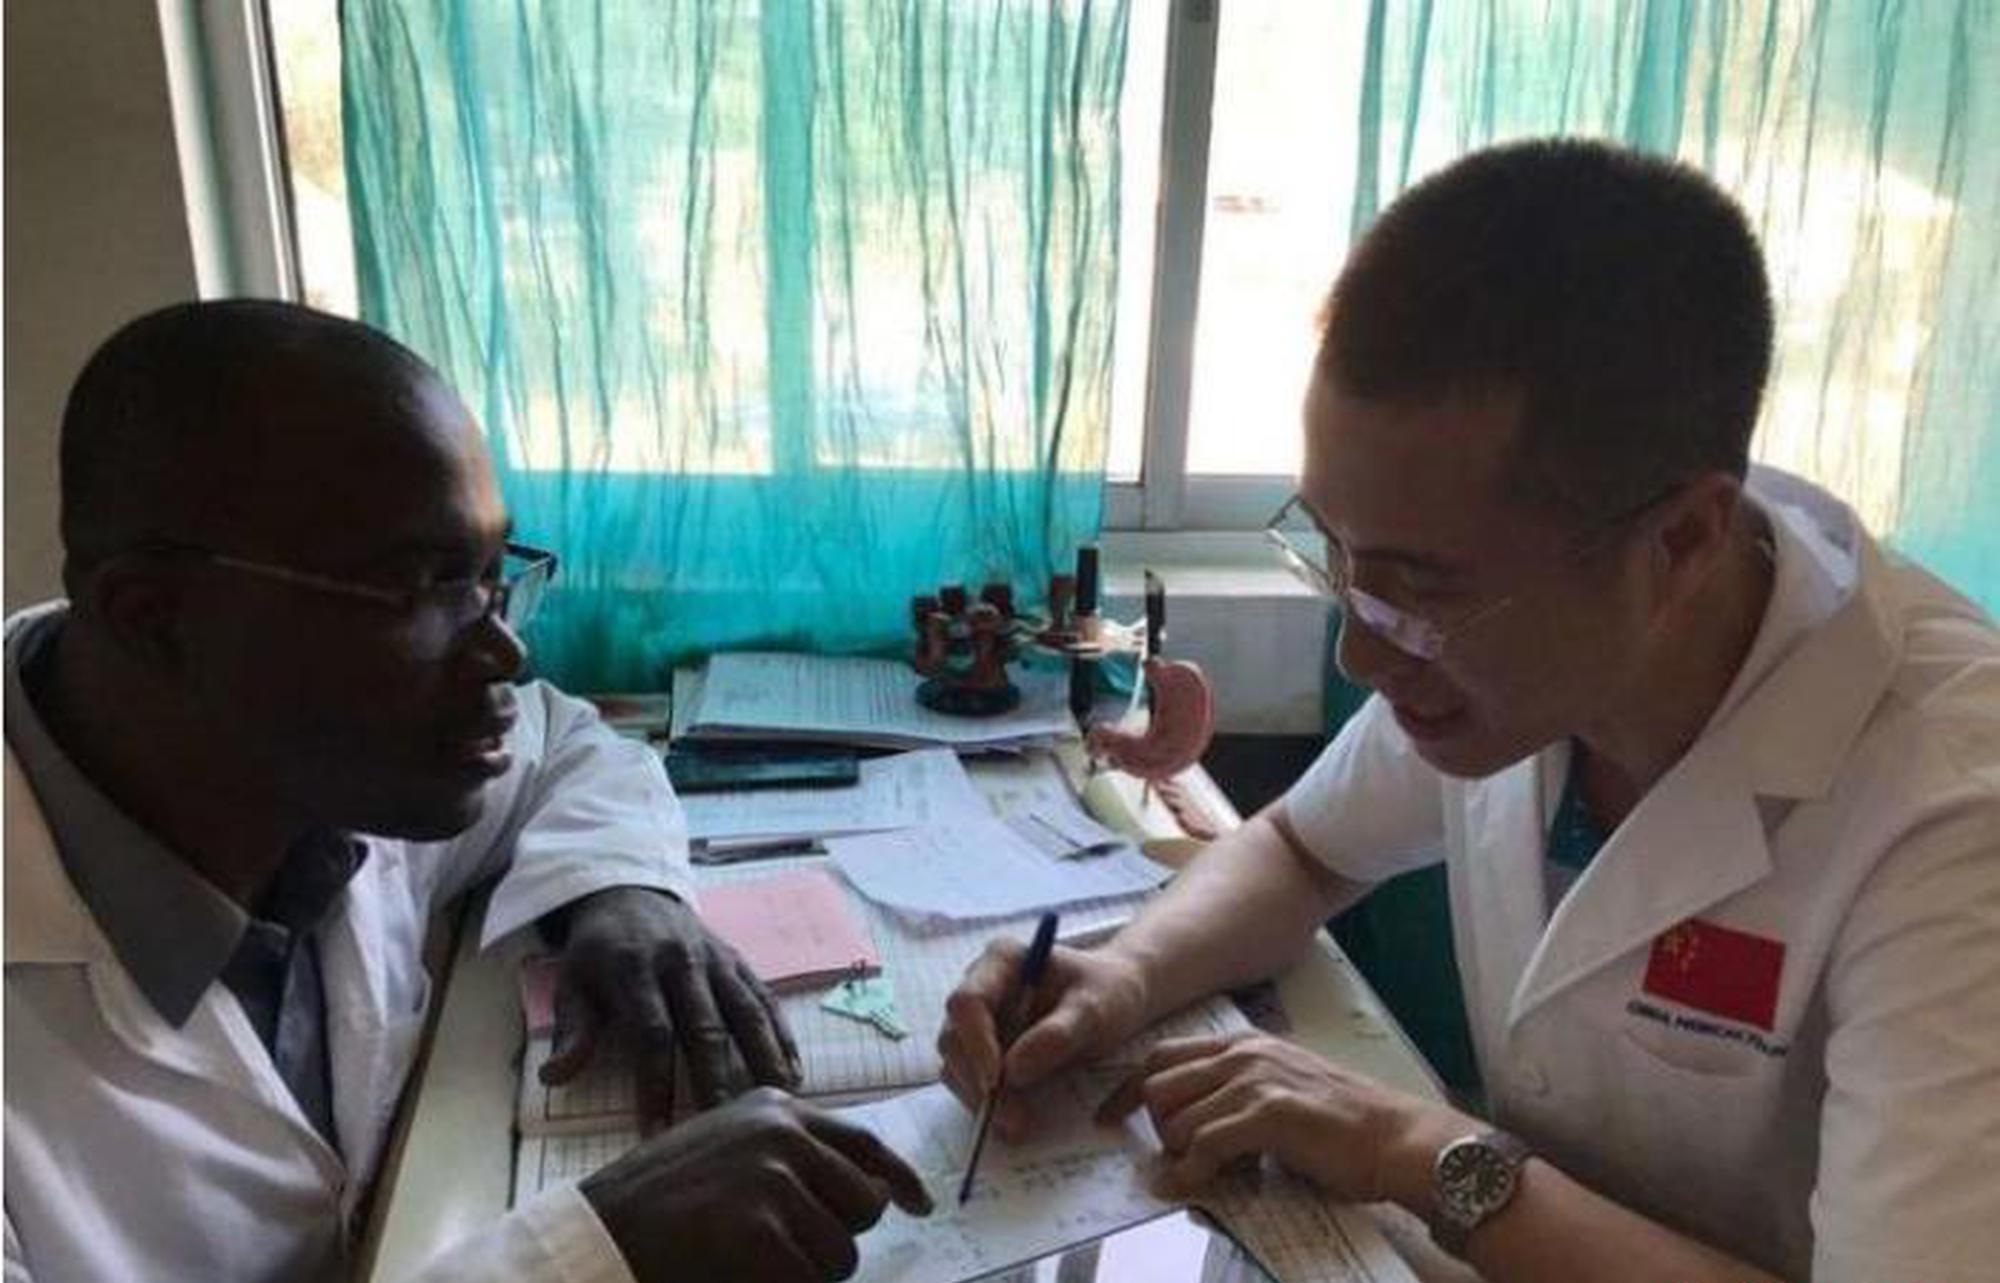 山西中医在非洲:缓解病痛 缔结友谊